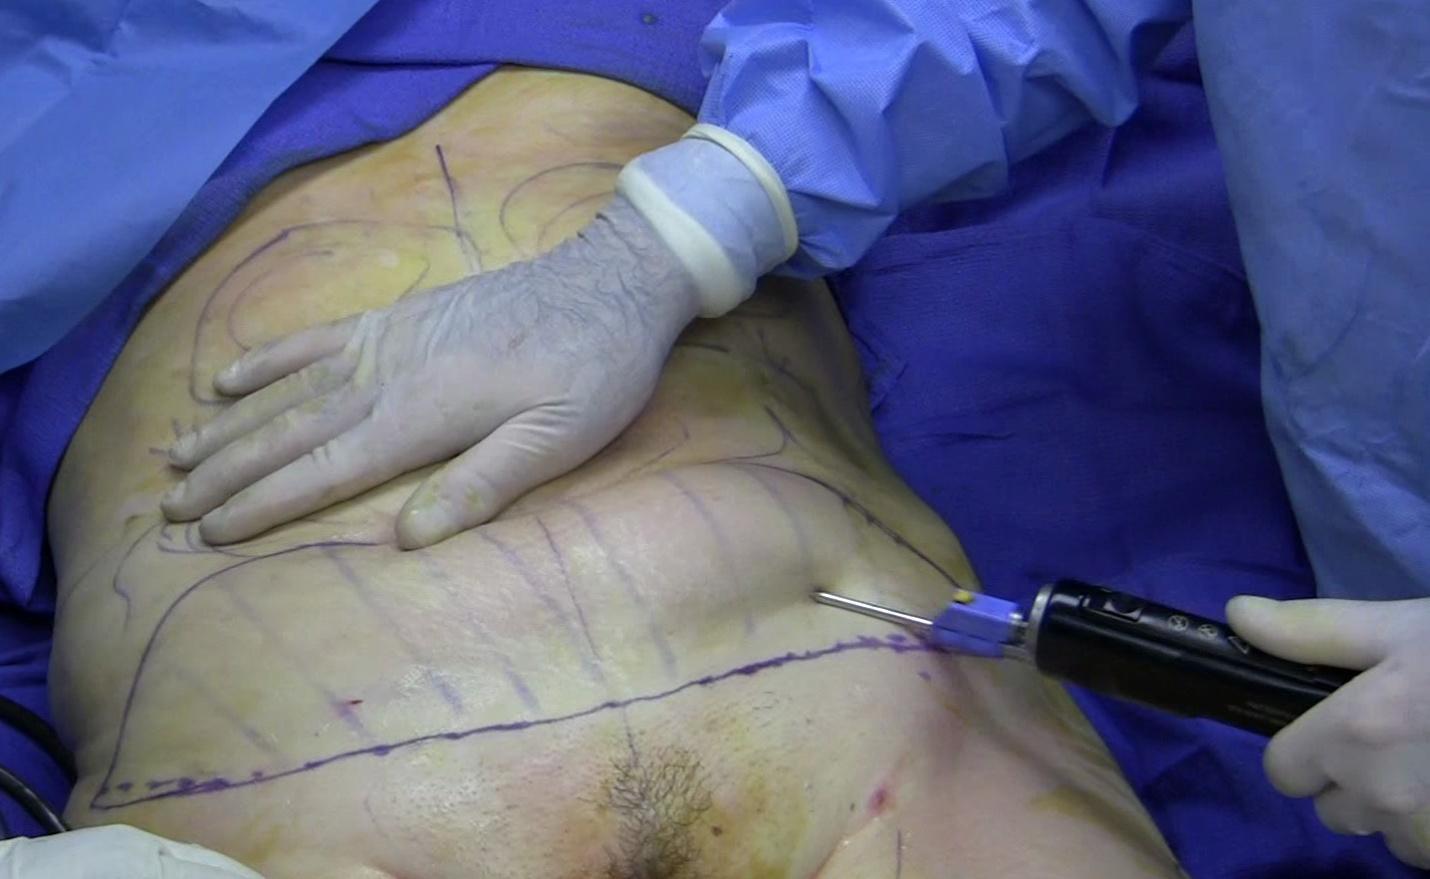 Liposuction - Wikipedia